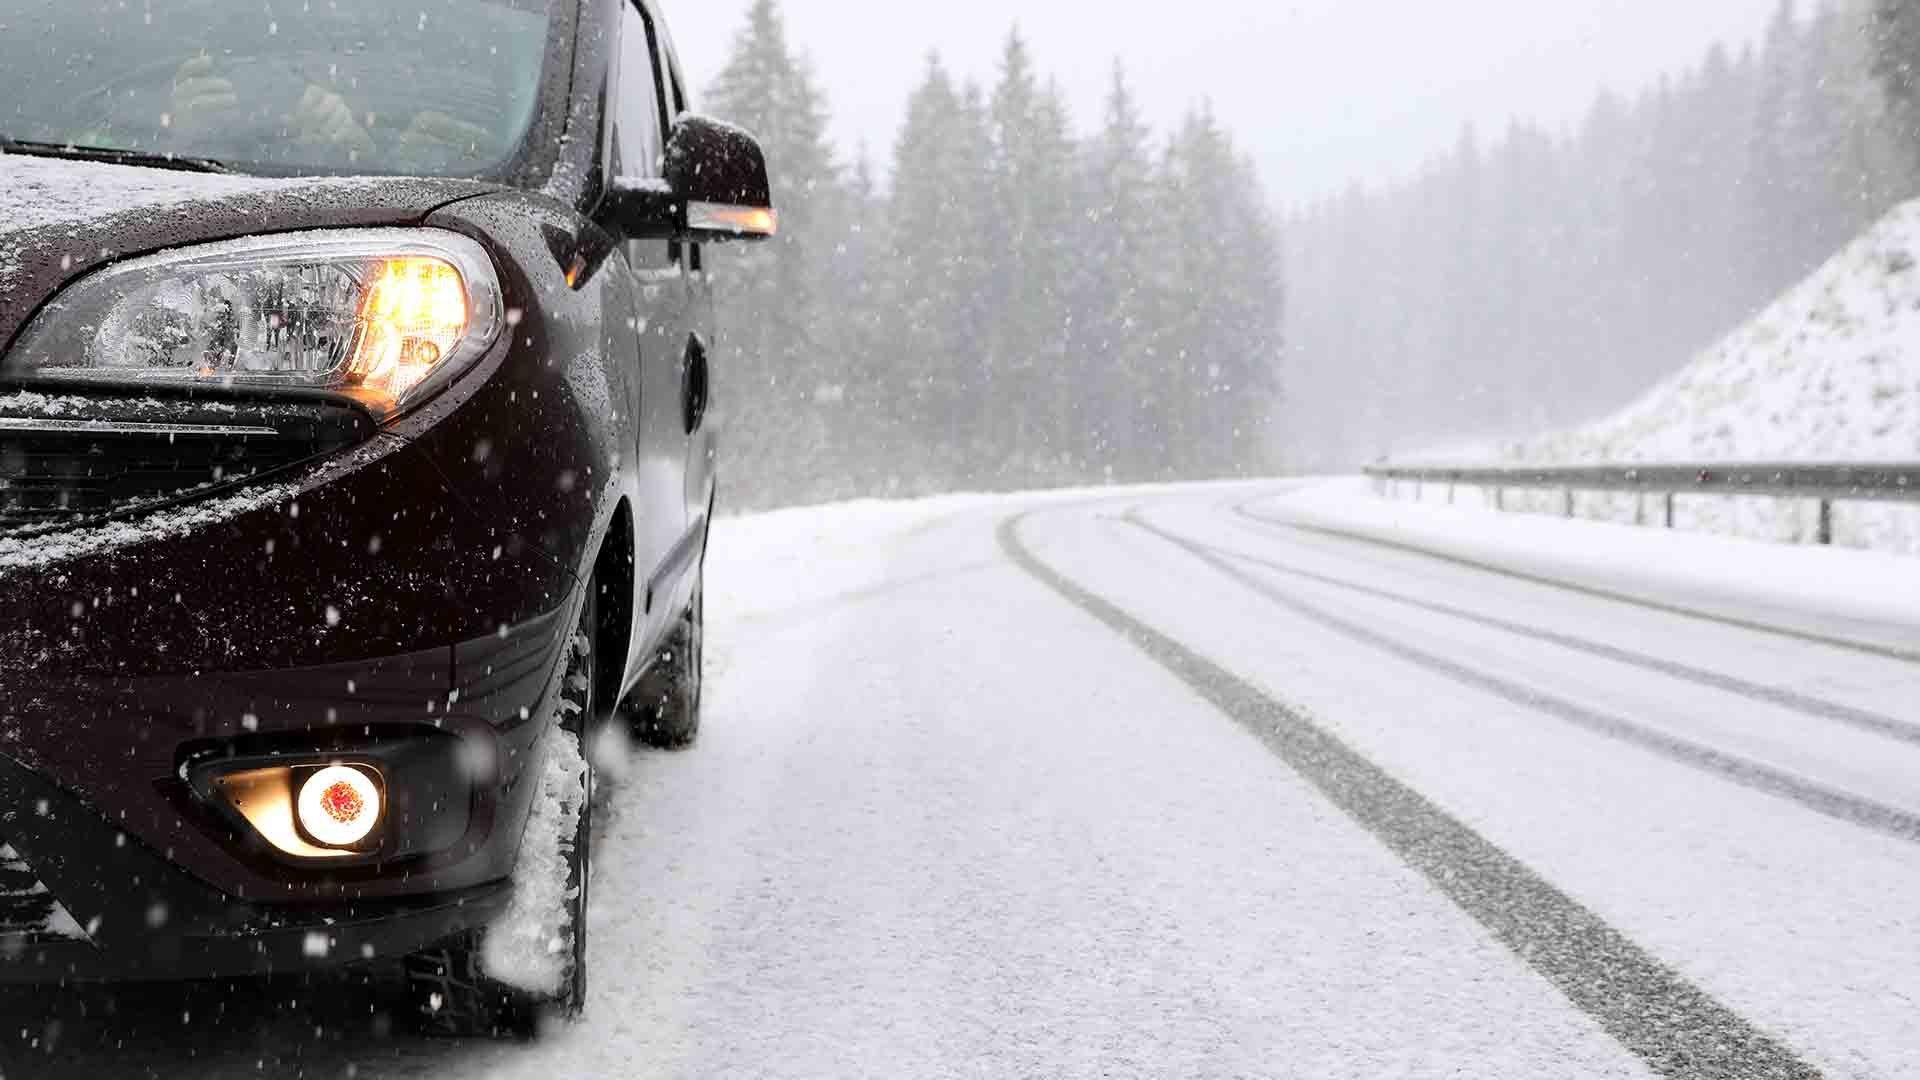 preparar-coche-nieve